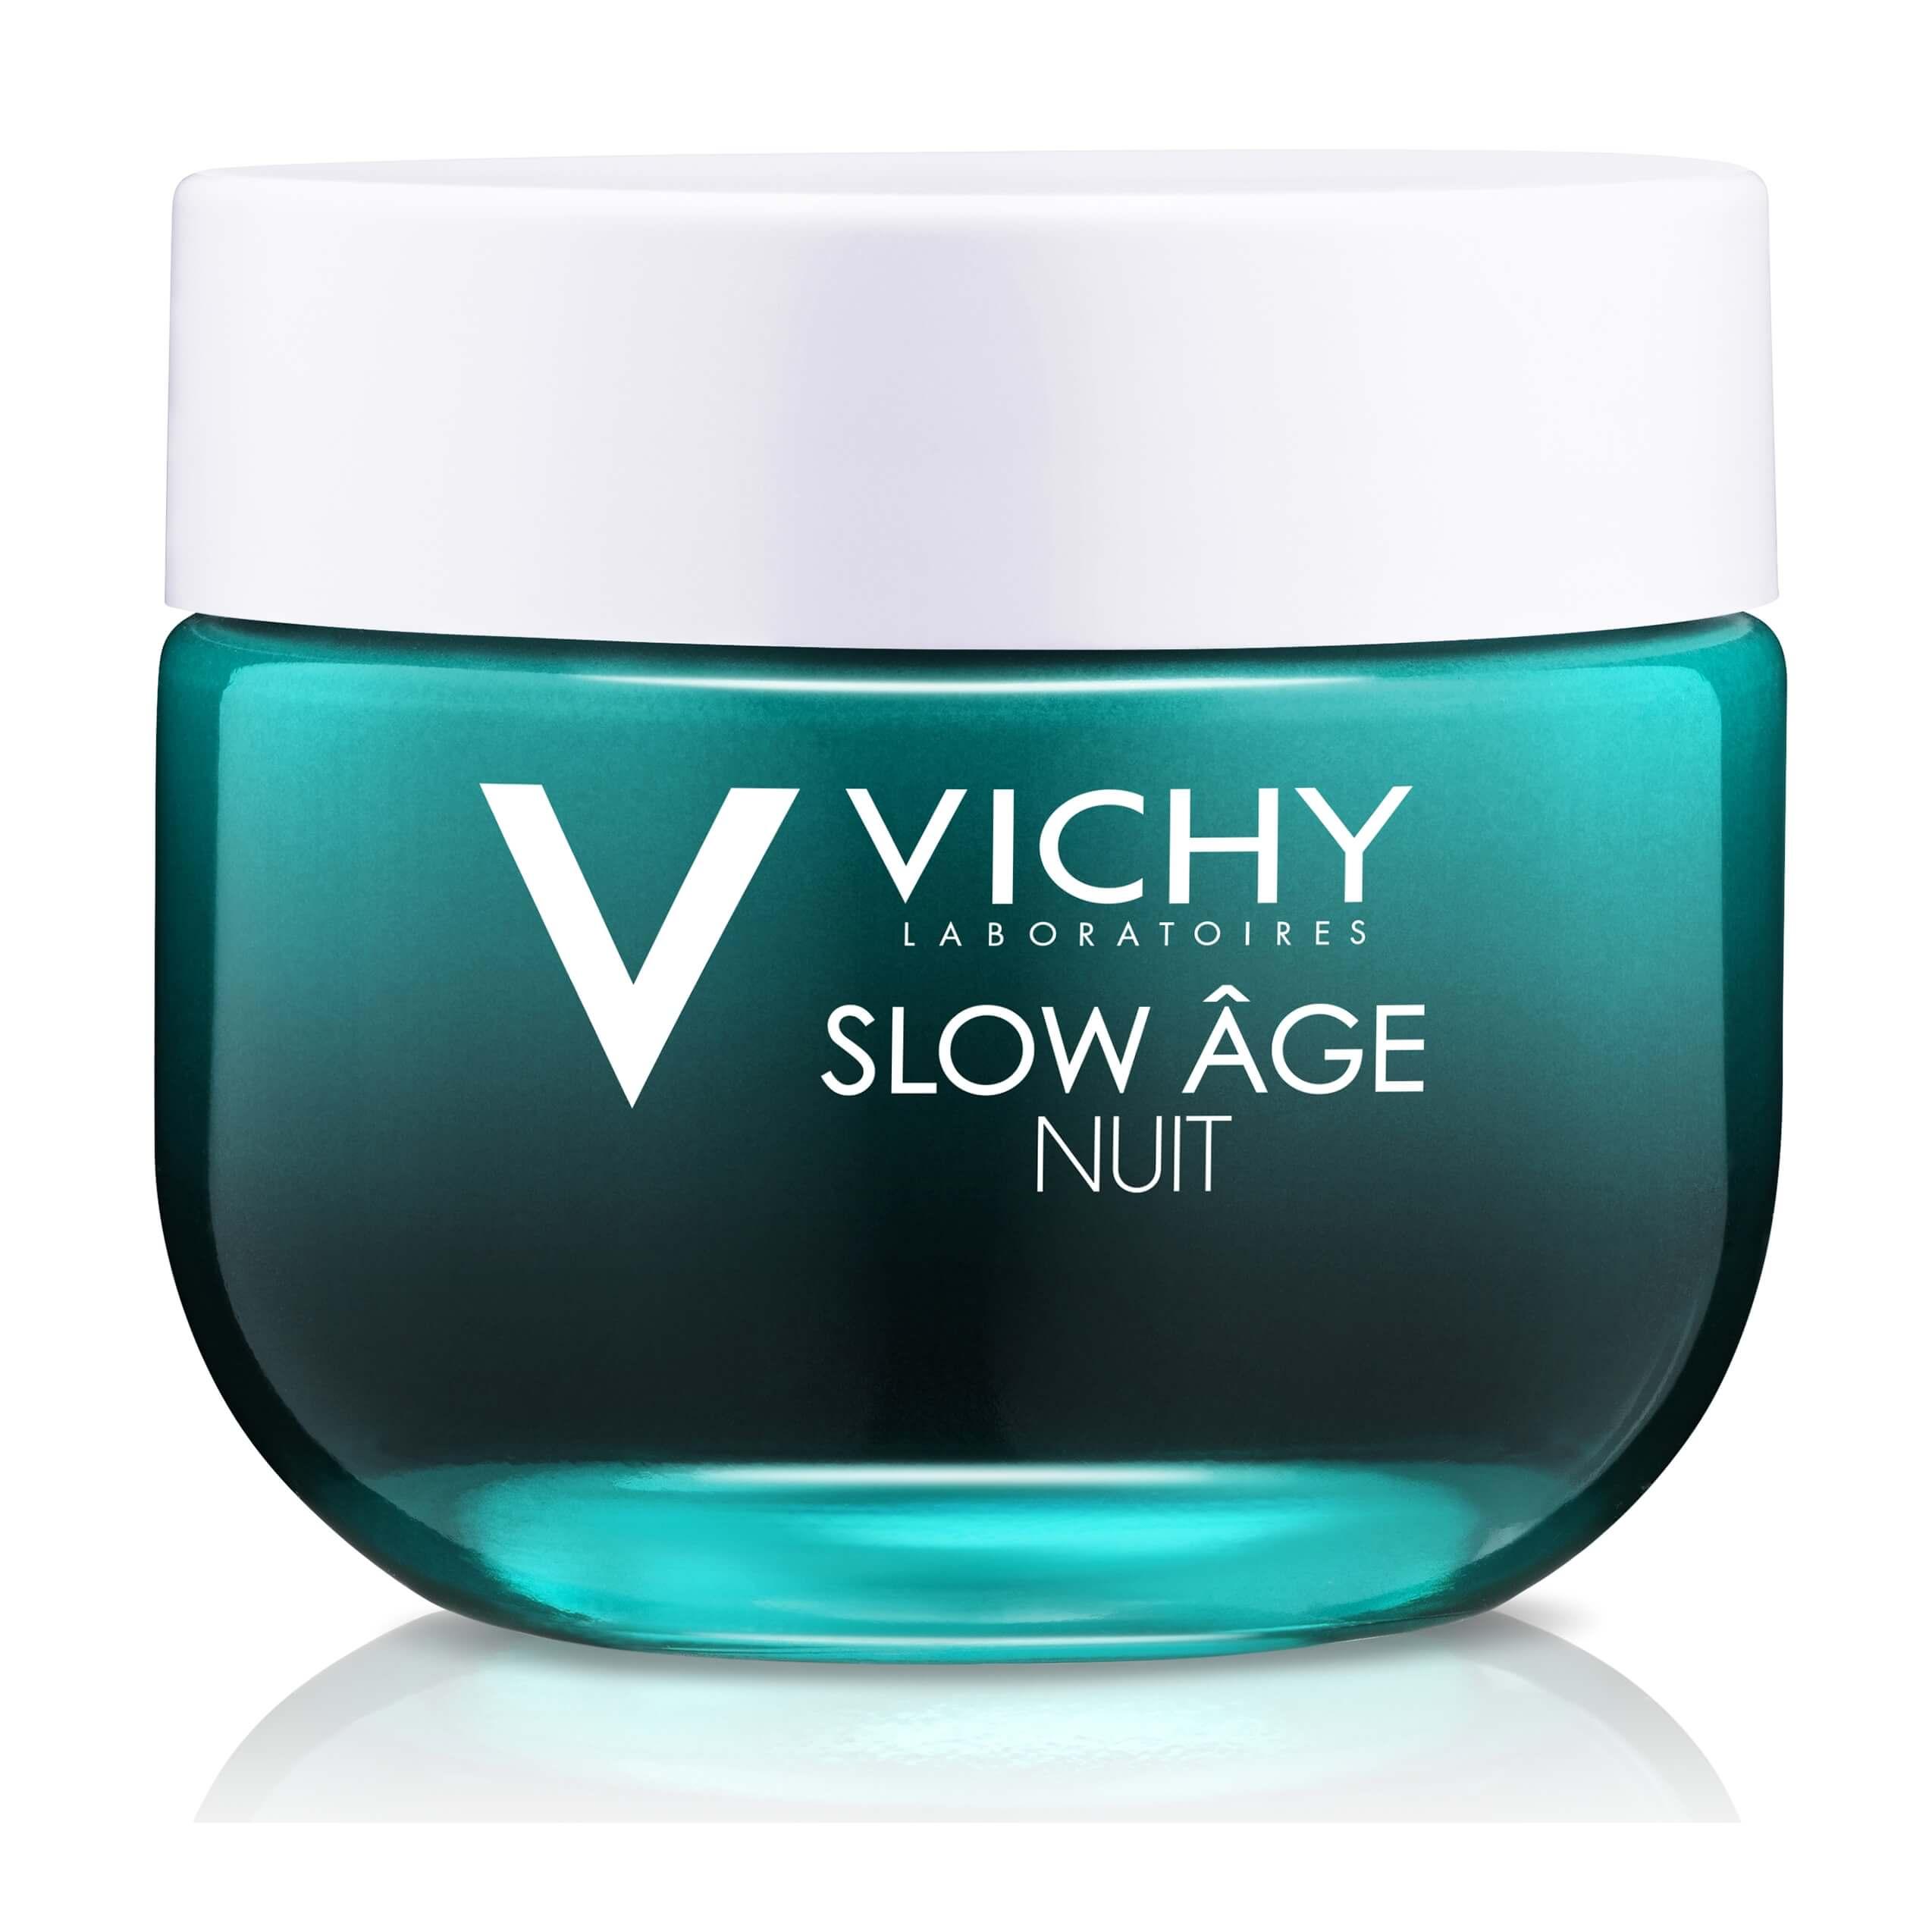 Vichy Slow Age Night-Δροσερή Kρέμα & Μάσκα 2 σε 1 για Όλους τους Τύπους Δέρματος 50ml